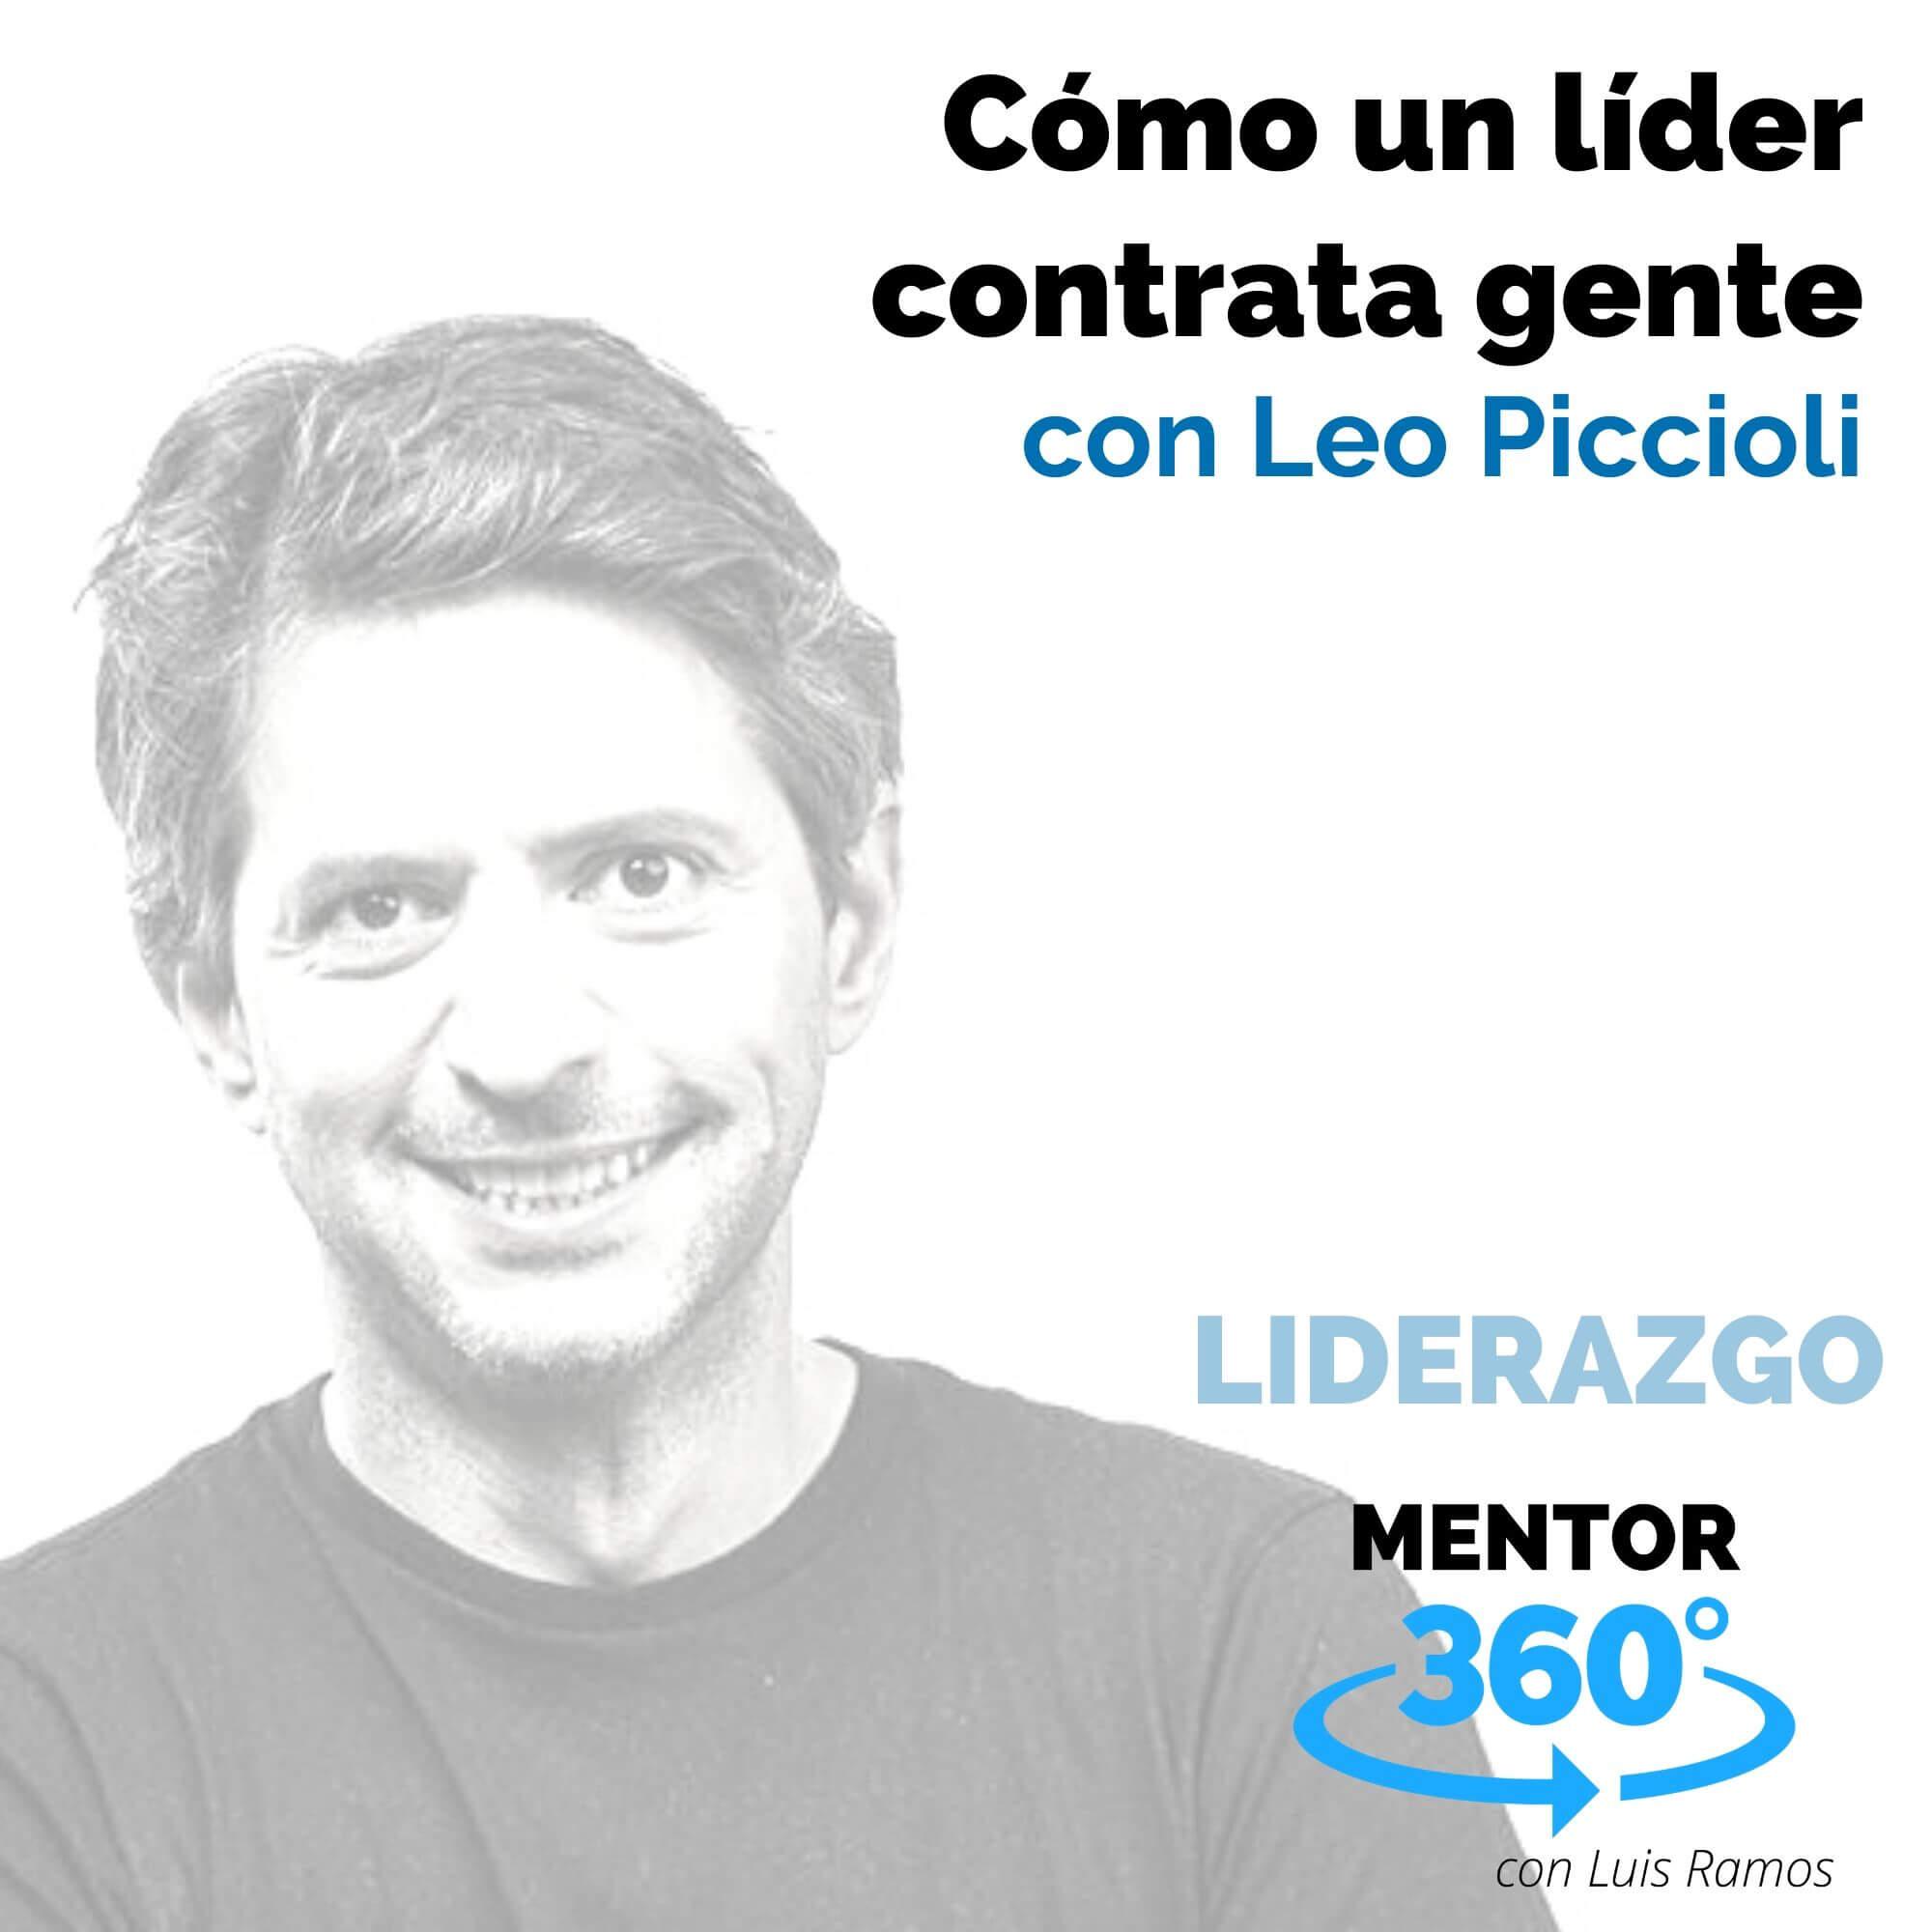 Cómo un líder contrata gente, con Leo Piccioli - LIDERAZGO